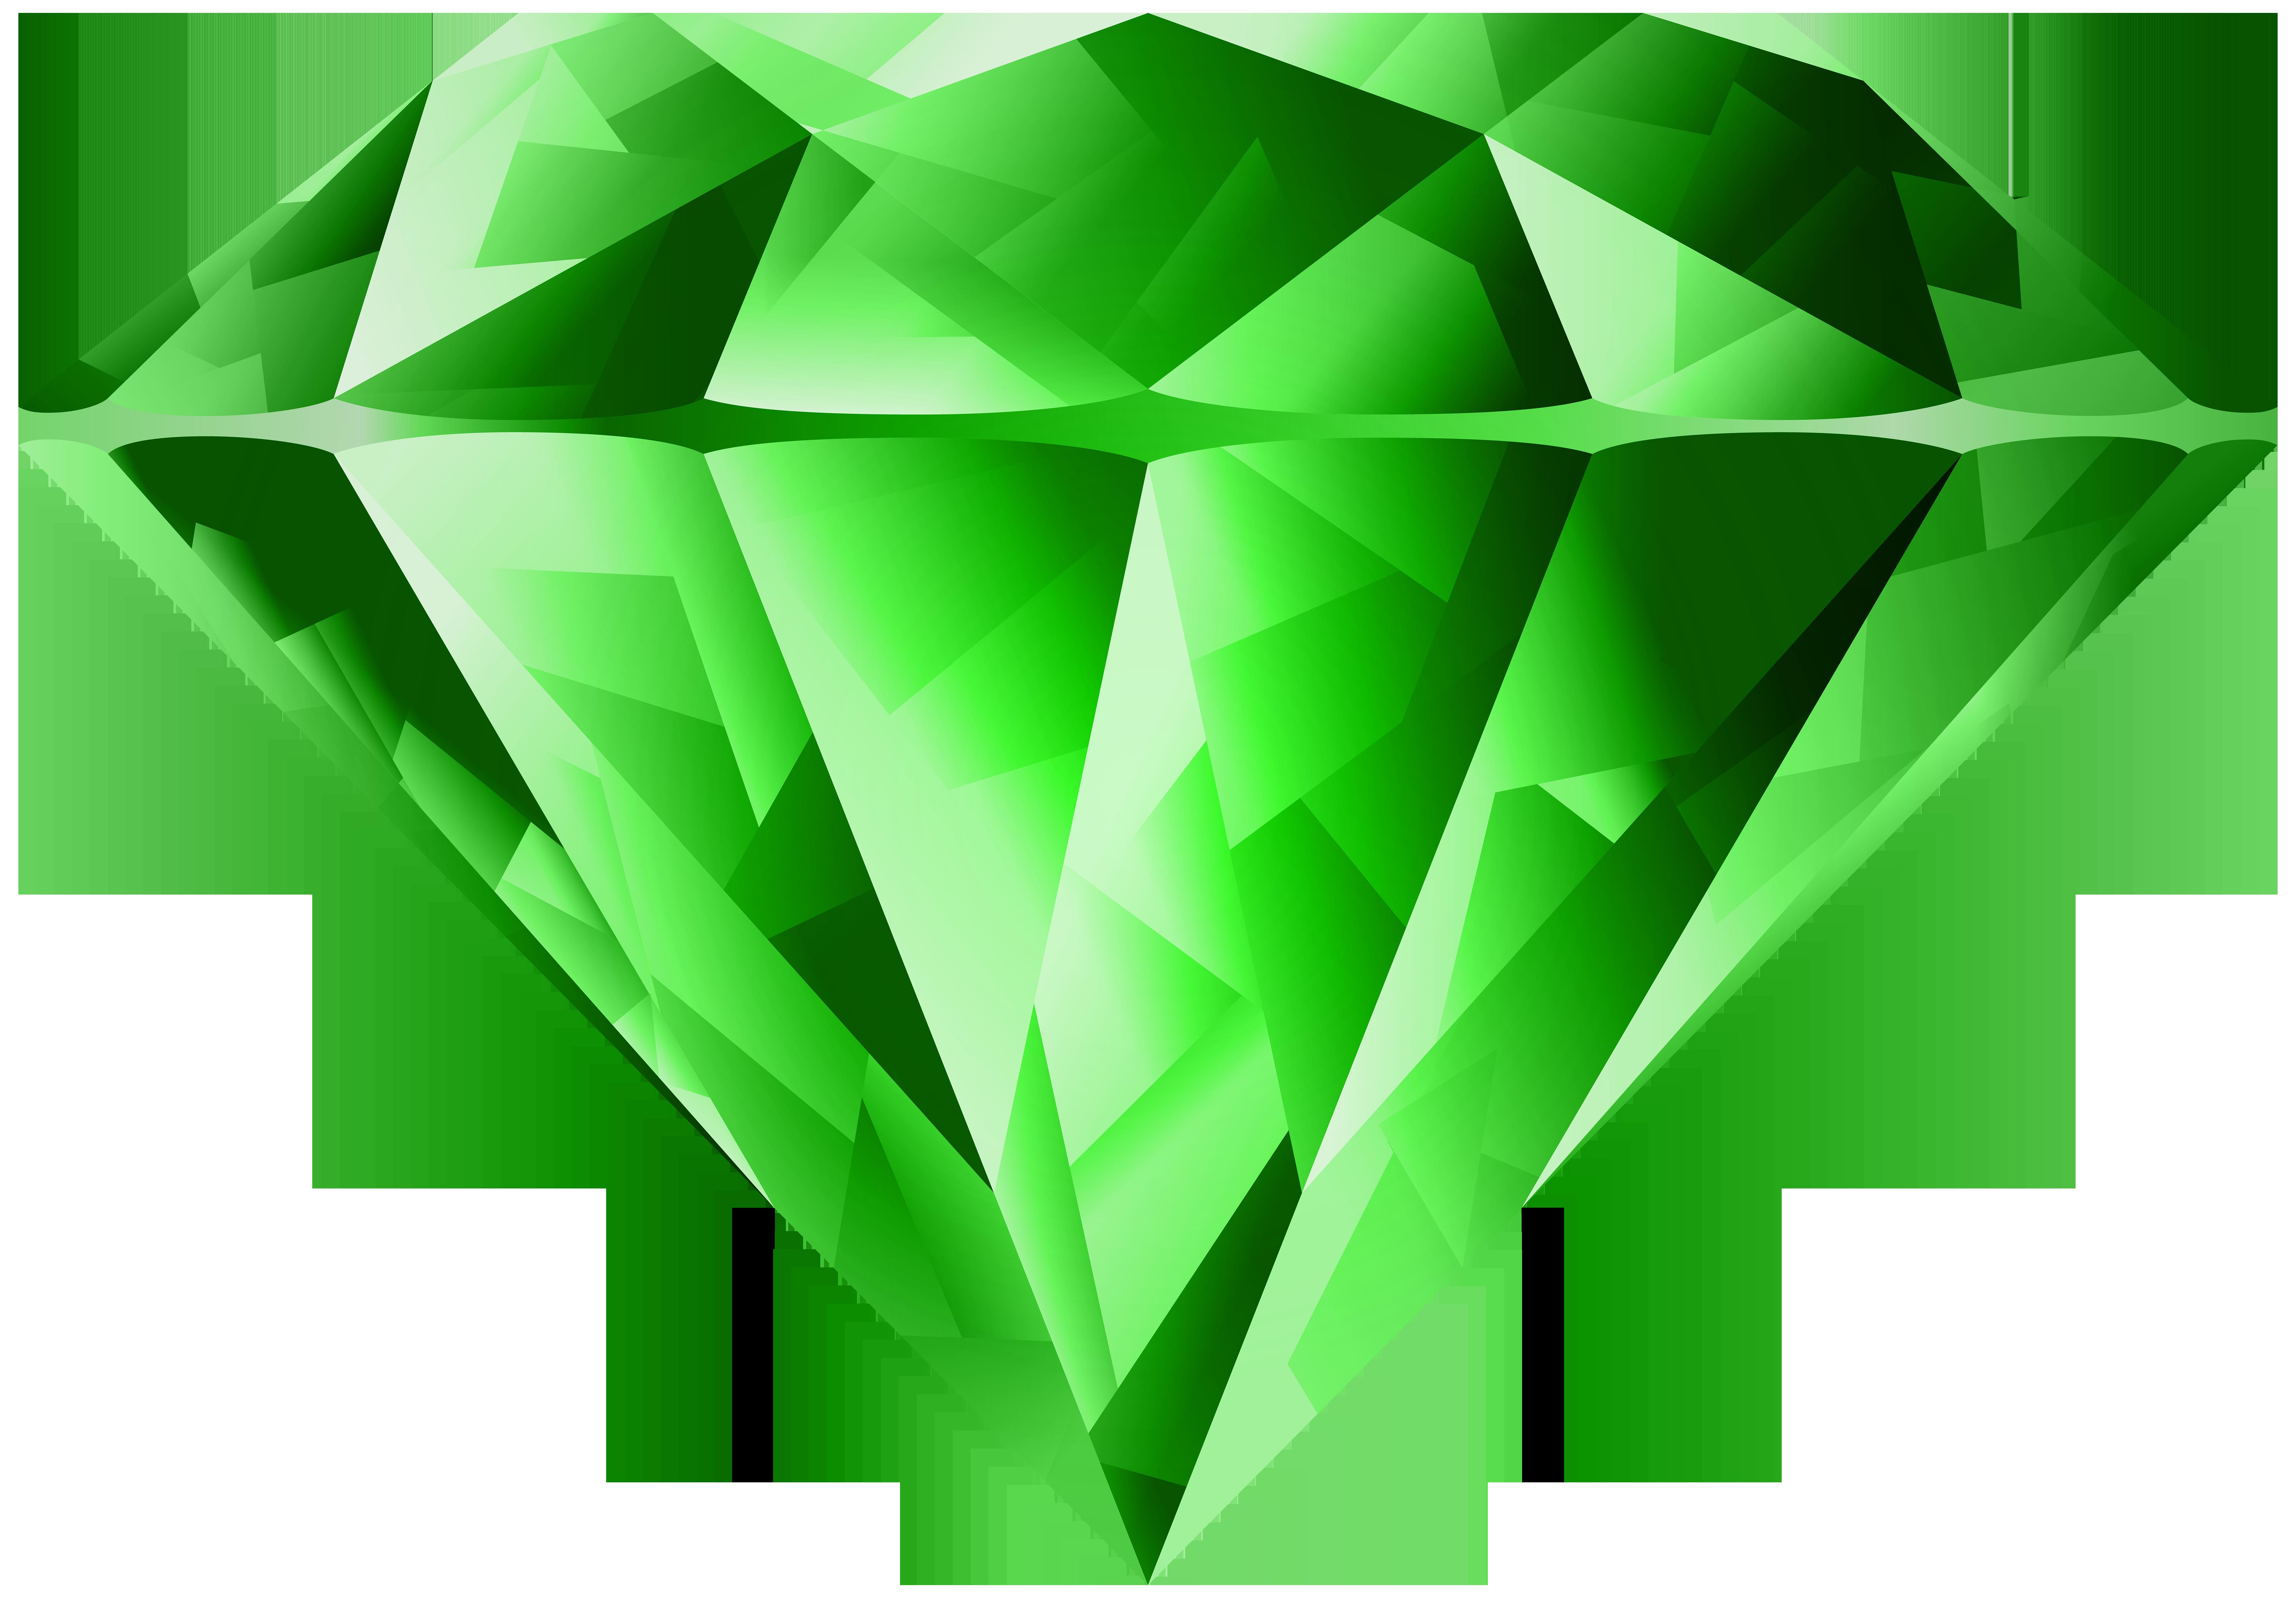 Emerald clipart diamond Art Image size Clip Green